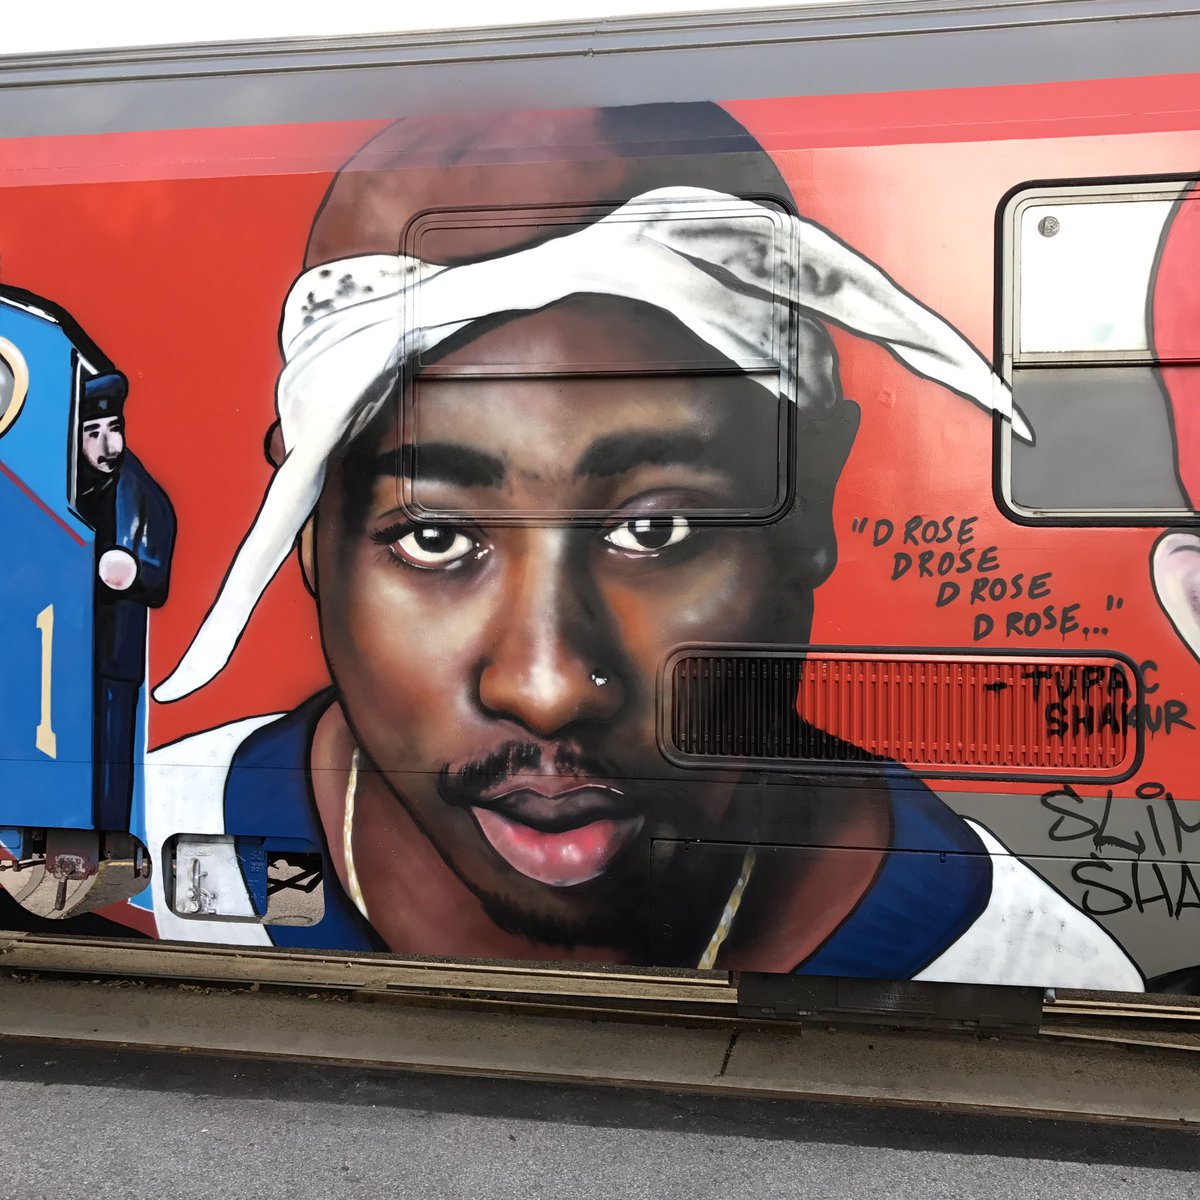 &quot;D rose d rose d rose d rose&quot; Tupac Shakur RIP #TupacShakur #tupac<br>http://pic.twitter.com/RgPX5zCEd6